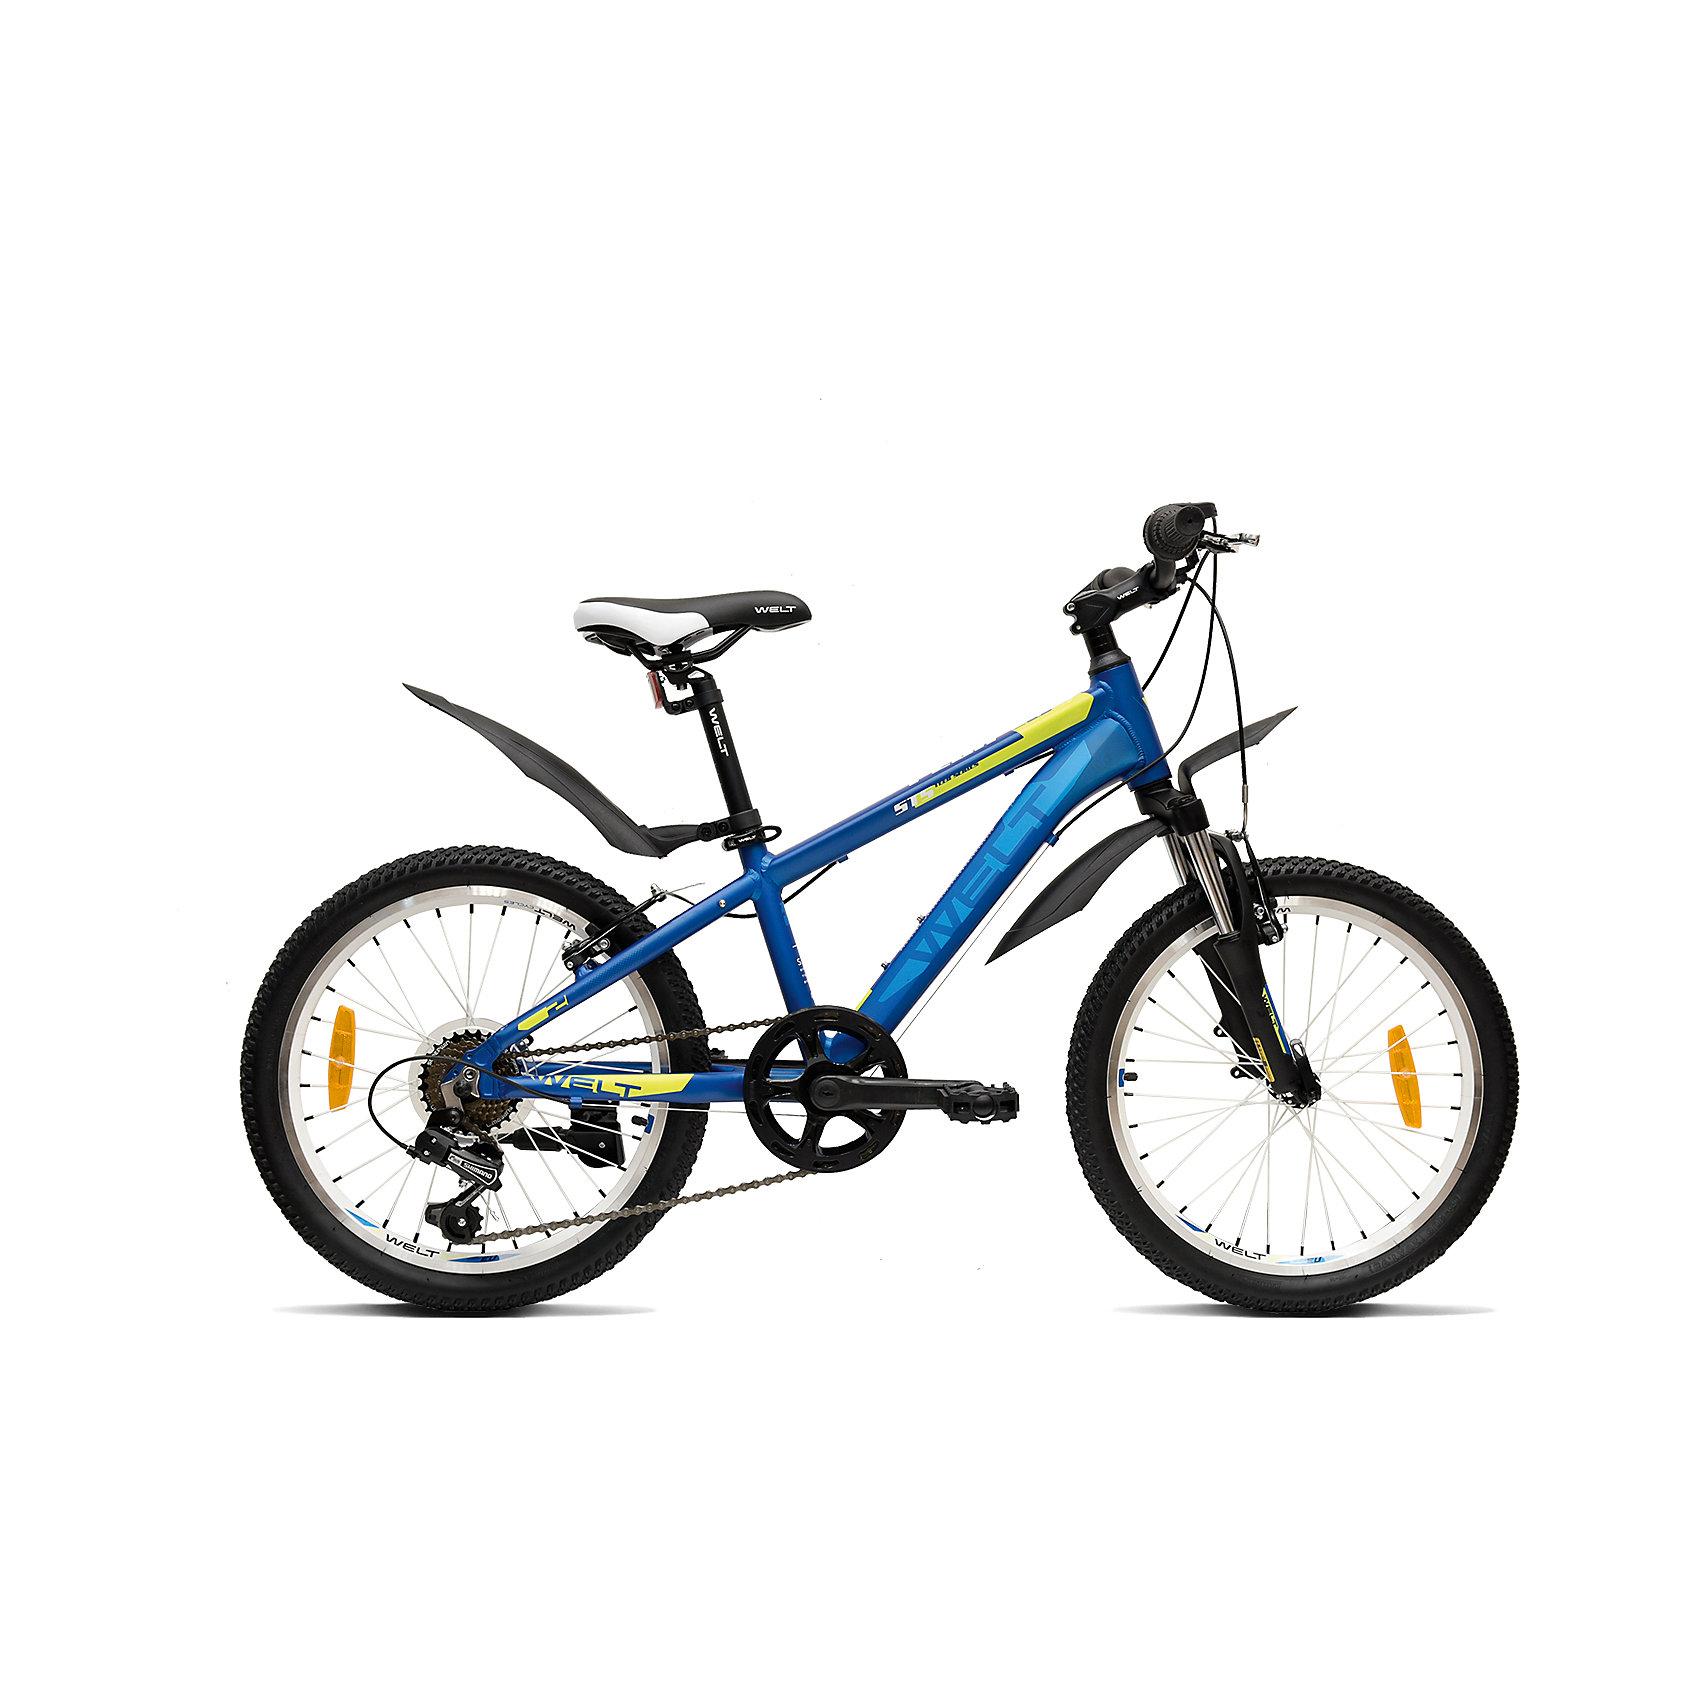 Велосипед  Peak 20, черно-голубой, WeltВелосипеды детские<br>Характеристики товара:<br><br>•  цвет: черный, голубой<br>• возраст: от 4 лет <br>• рама: Alloy 6061<br>• диаметр колес: 20<br>• скоростей: 7<br>• вилка: амортизационная (WELT ES-245 73 mm)<br>• задний переключатель: Shimano TY-21<br>• шифтеры: Shimano RS-35 R 7spd<br>• тормоза: CB-141 (V-brake)<br>• каретка: semi-cartridge<br>• кассета: TriDaimond FW217B<br>• тип рулевой колонки: 1-1/8 безрезьбовая<br>• вынос: alloy, A-Head, 80mm<br>• руль: steel low rise Ф25,4 560mm<br>• ободья: alloy, double wall<br>• покрышки: Wanda P1197 20x1,95<br>• втулки: YS w/QR<br>• подседельный штырь: steel Ф27,2 300mm<br>• цепь: KMC Z33<br>• вес: 16.5 кг <br>•размер: 145х20х80см. <br>• страна бренда: Германия  <br><br>Горный велосипед для мальчиков с колесами 20 дюймов, собранных на двойных ободах, гораздо более устойчивых к ударам, бордюрам и деформациям. <br><br>Рама из алюминиевого сплава сварена из труб сложного профиля, что обеспечивает высокую надежность и безопасность при эксплуатации. <br><br>Рулевой узел выполнен по стандартам взрослых горных велосипедов, что также повышает эксплуатационные свойства. <br><br>Модель оборудована амортизационной вилкой и 7 скоростной трансмиссией Shimano Tourney. В комплект велосипеда входят крылья и подножка. <br><br>Велосипед  Peak 20 можно купить в нашем интернет-магазине.<br><br>Ширина мм: 1450<br>Глубина мм: 200<br>Высота мм: 800<br>Вес г: 16500<br>Возраст от месяцев: 72<br>Возраст до месяцев: 132<br>Пол: Унисекс<br>Возраст: Детский<br>SKU: 5569408